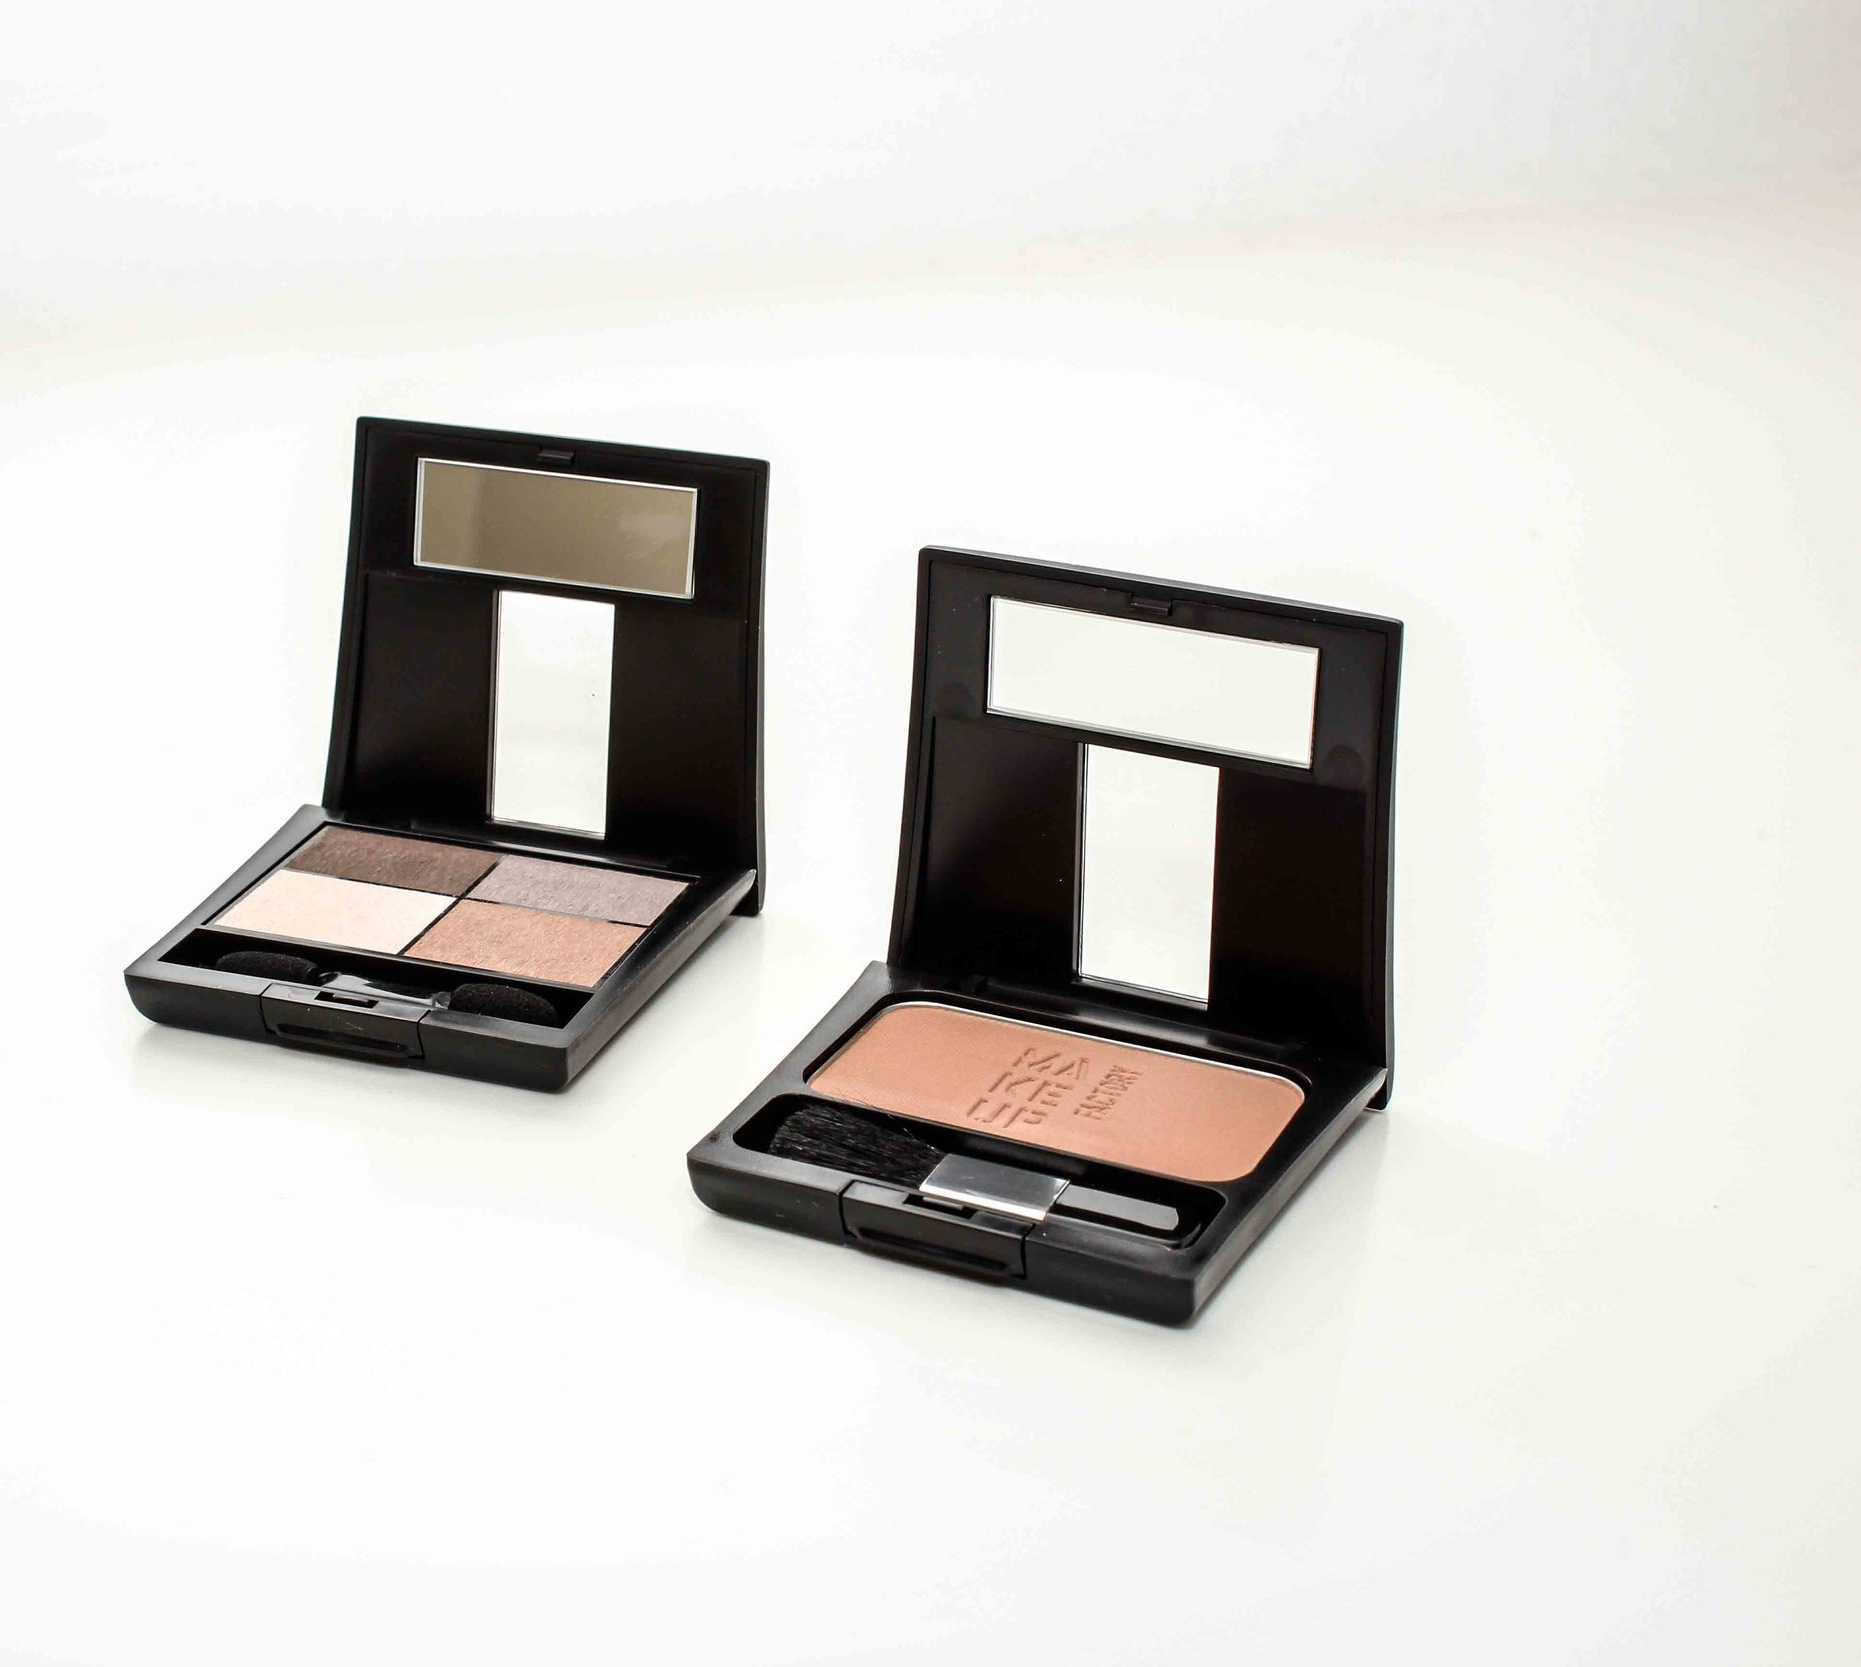 Beauty-by-skouboe-makeup-14.JPG